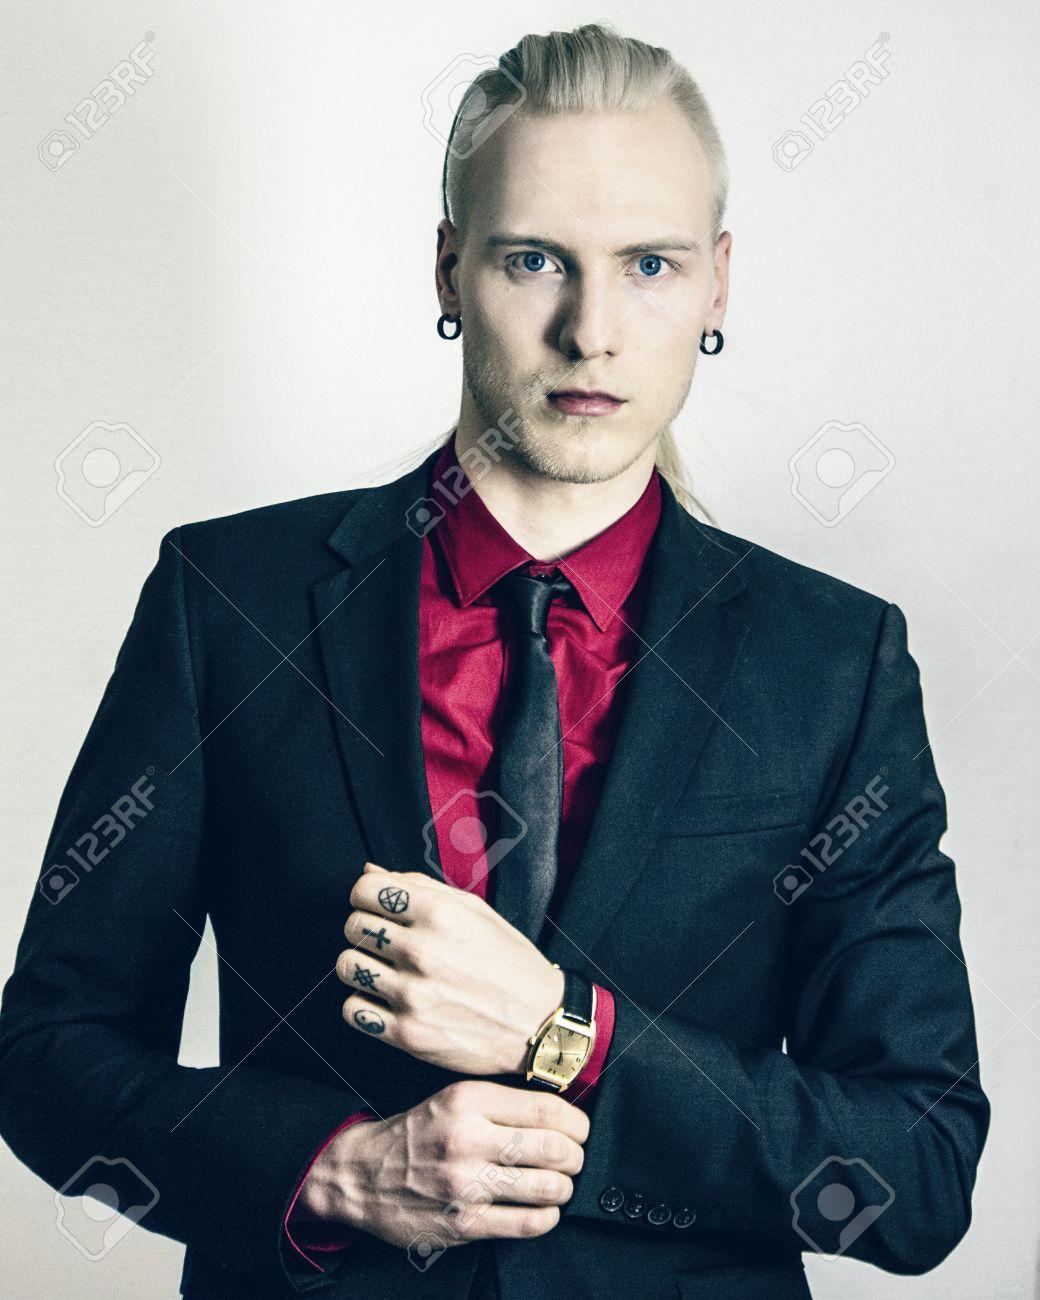 e371bb2f3 Foto de archivo - Hombre joven y elegante con un traje negro y camisa roja  que mira a la cámara y abotonarse la manga. con el reloj de oro y tatuajes  de ...